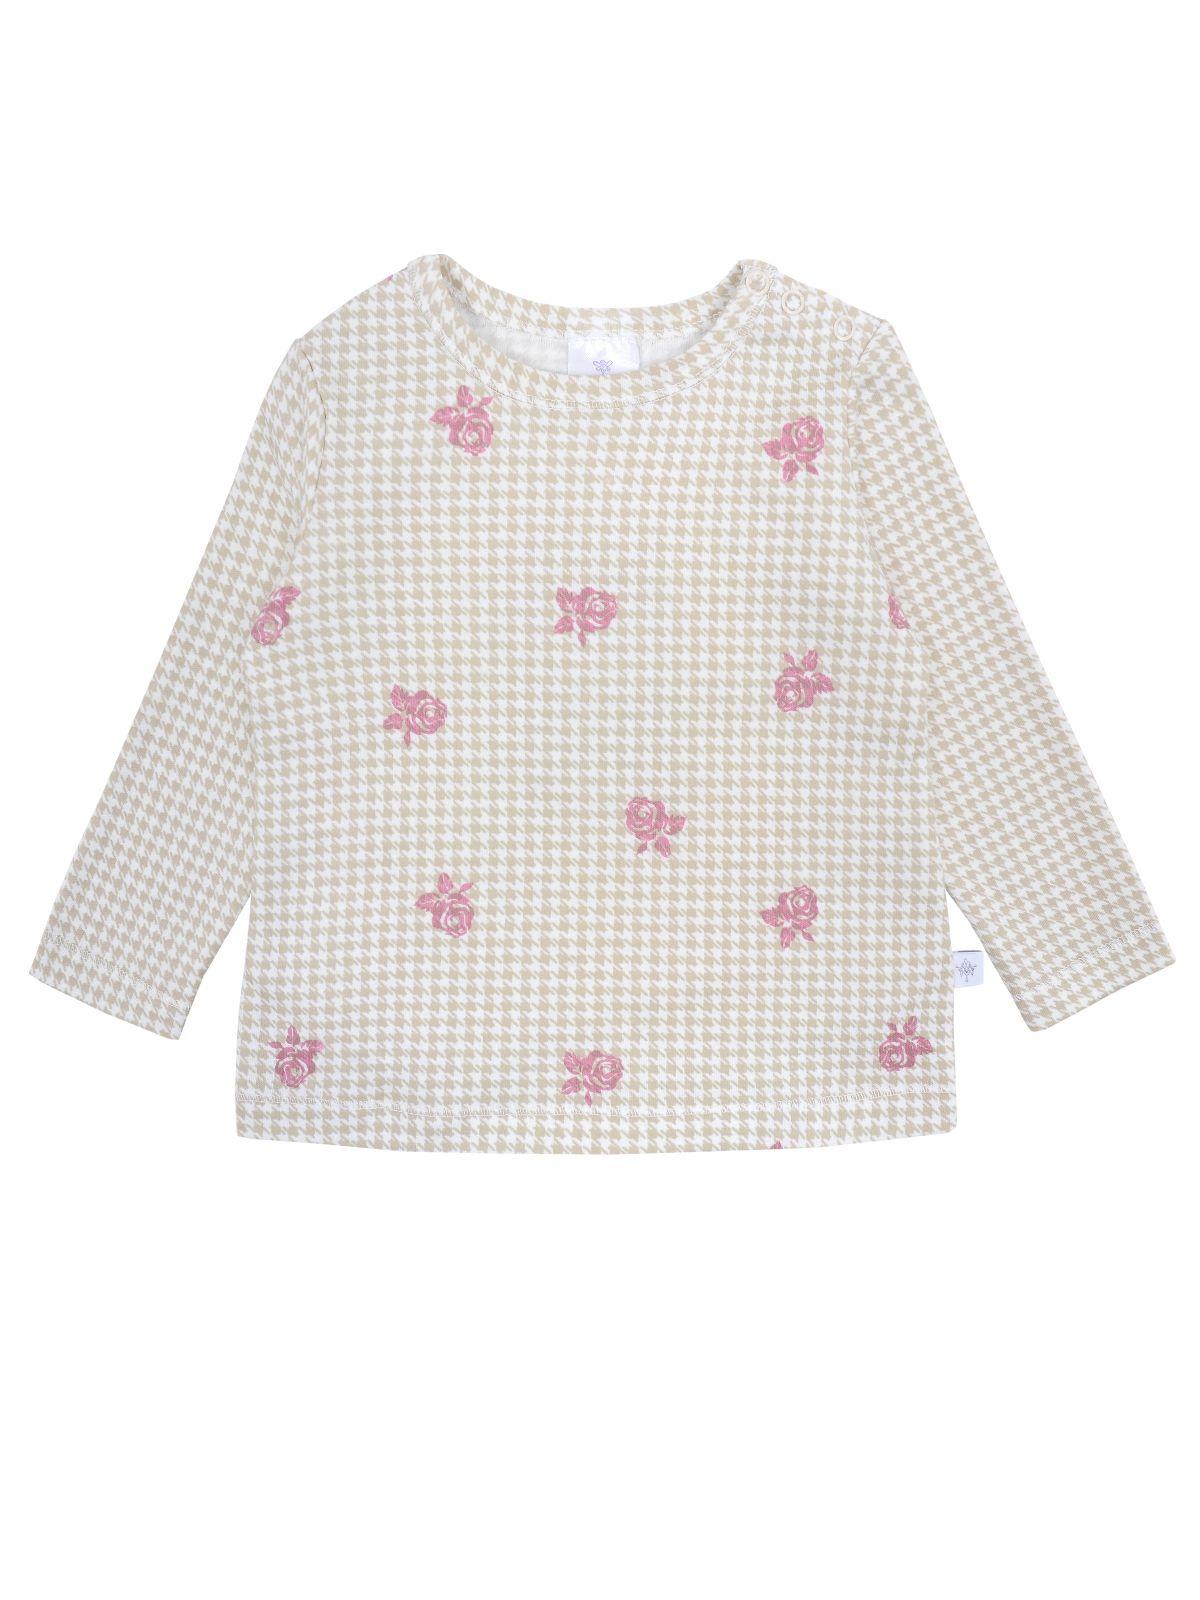 Купить Джемпер для девочки Мамуляндия 19-844 Интерлок, Бежевый р.92, Кофточки, футболки для новорожденных